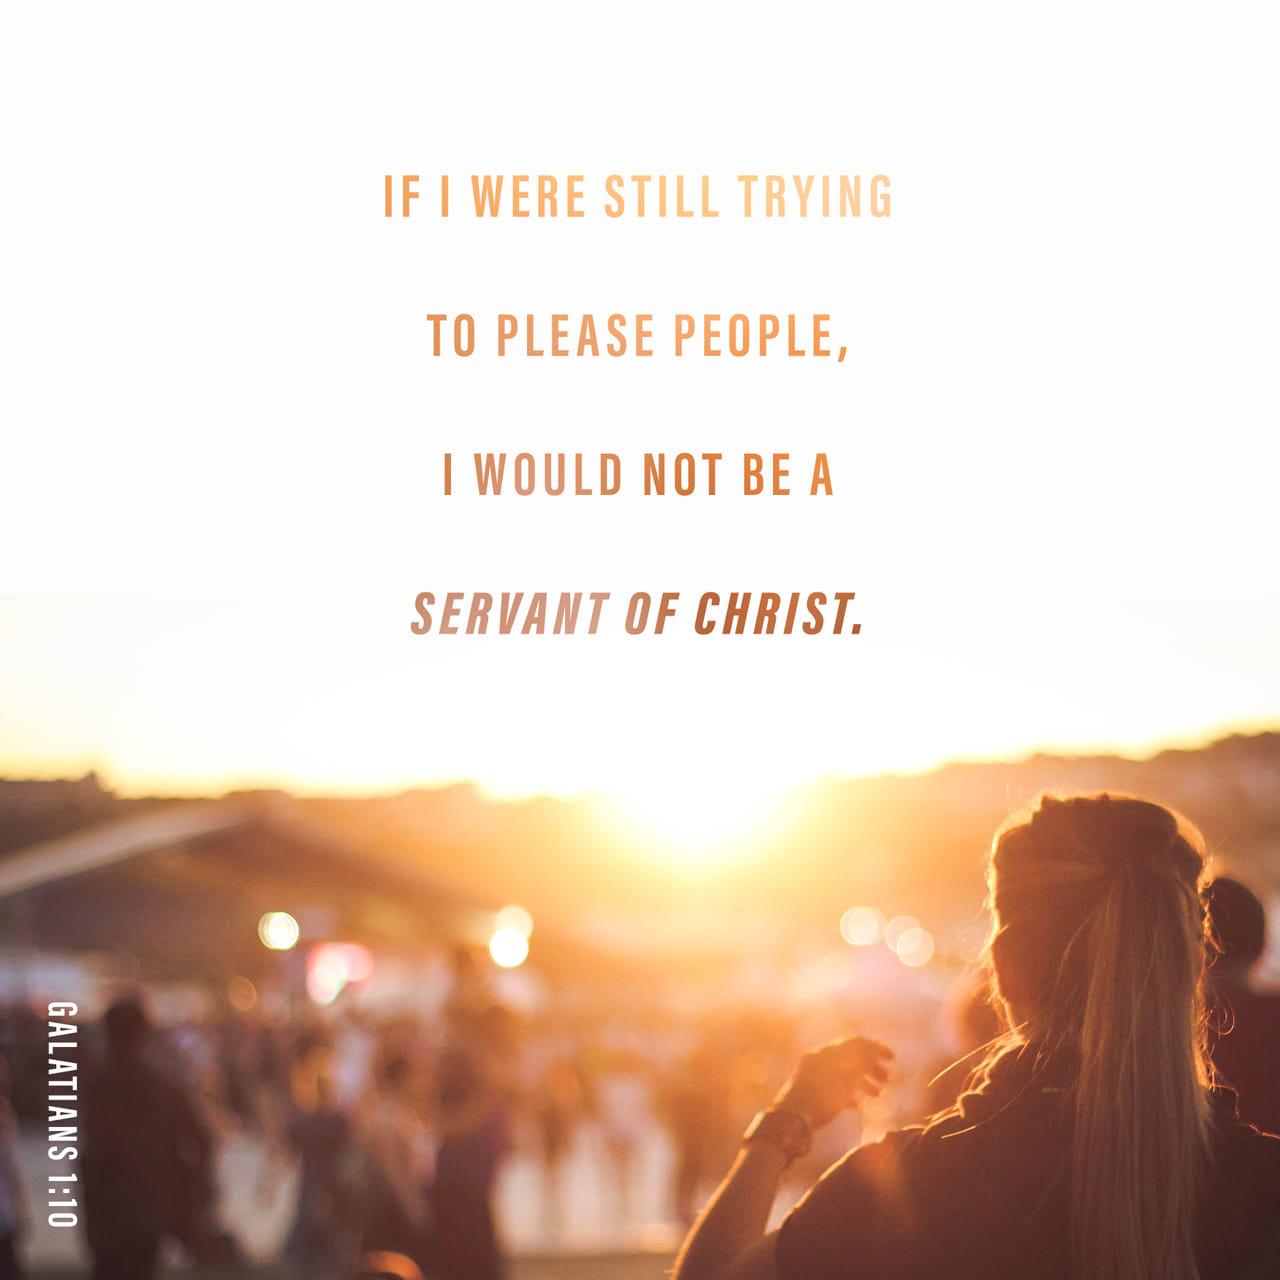 Gálatas 1:10 Queda claro que no es mi intención ganarme el favor de la gente, sino el de Dios. Si mi objetivo fuera agradar a la gente, no sería un siervo de Cristo. | Nueva Traducción Viviente (NTV)